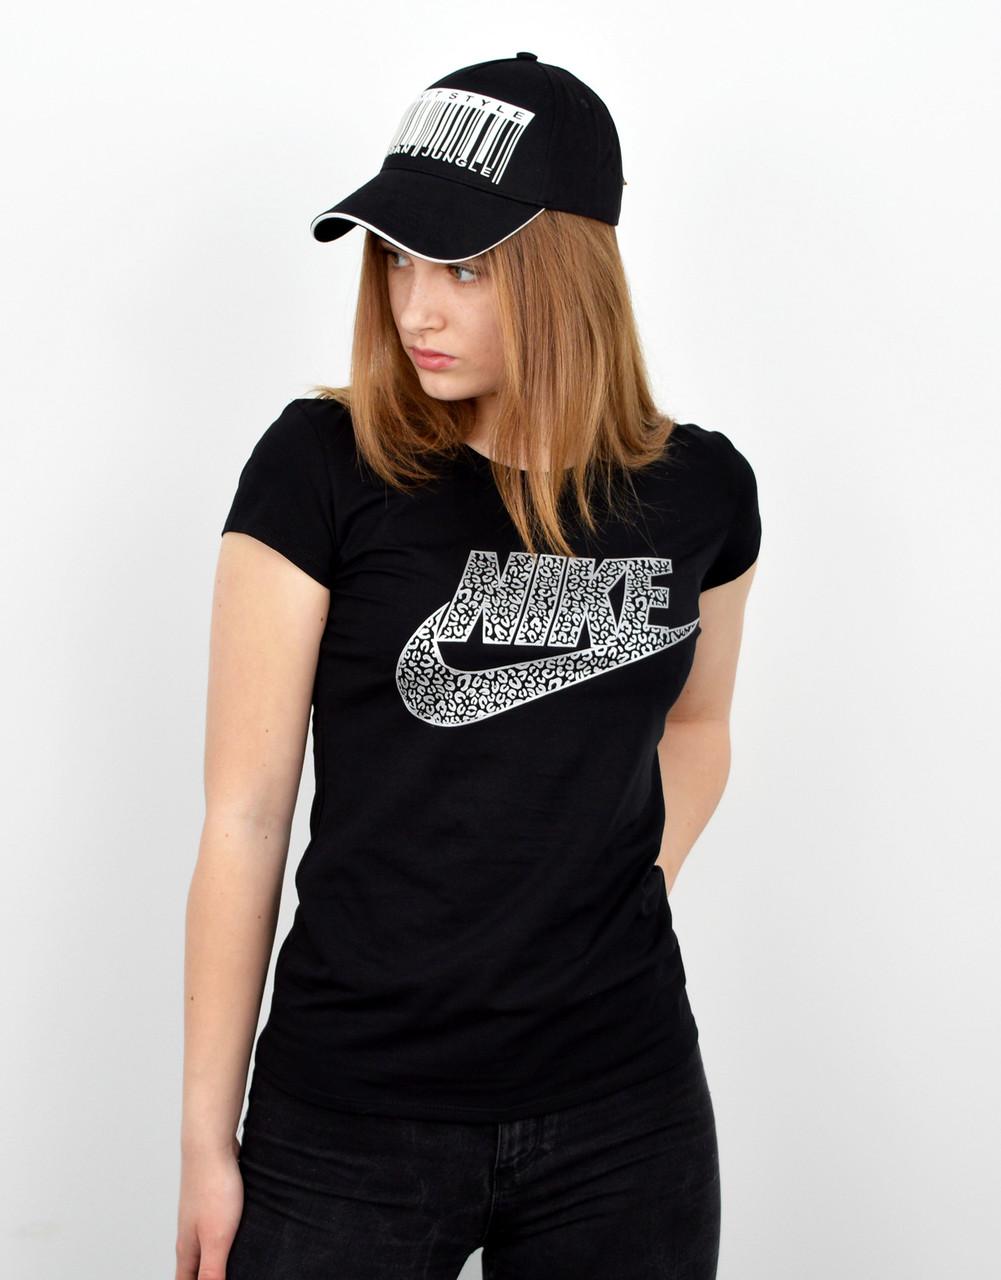 Спортивная женская футболка оптом V0220 черный